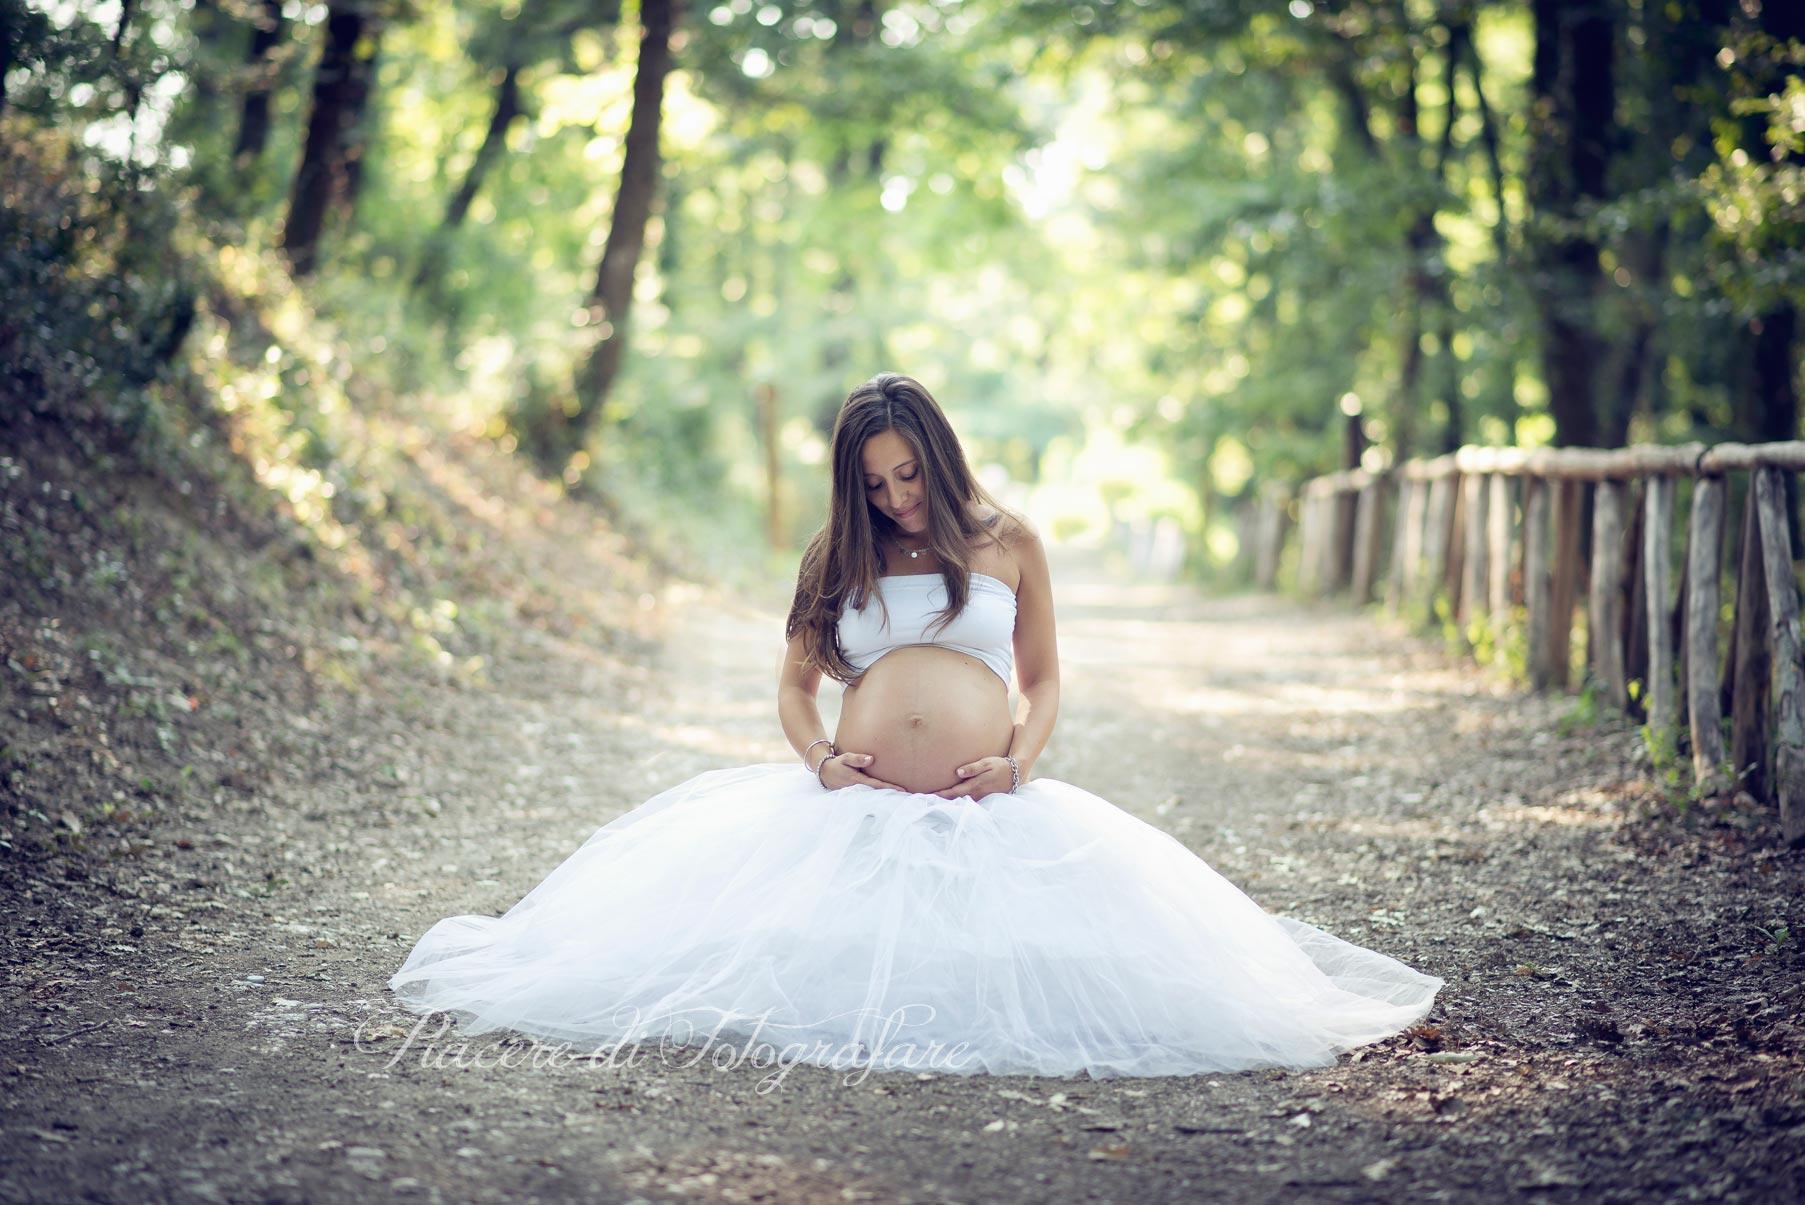 Ben noto servizi-fotografici-gravidanza-roma-federica6 - Piacere di Fotografare KT85